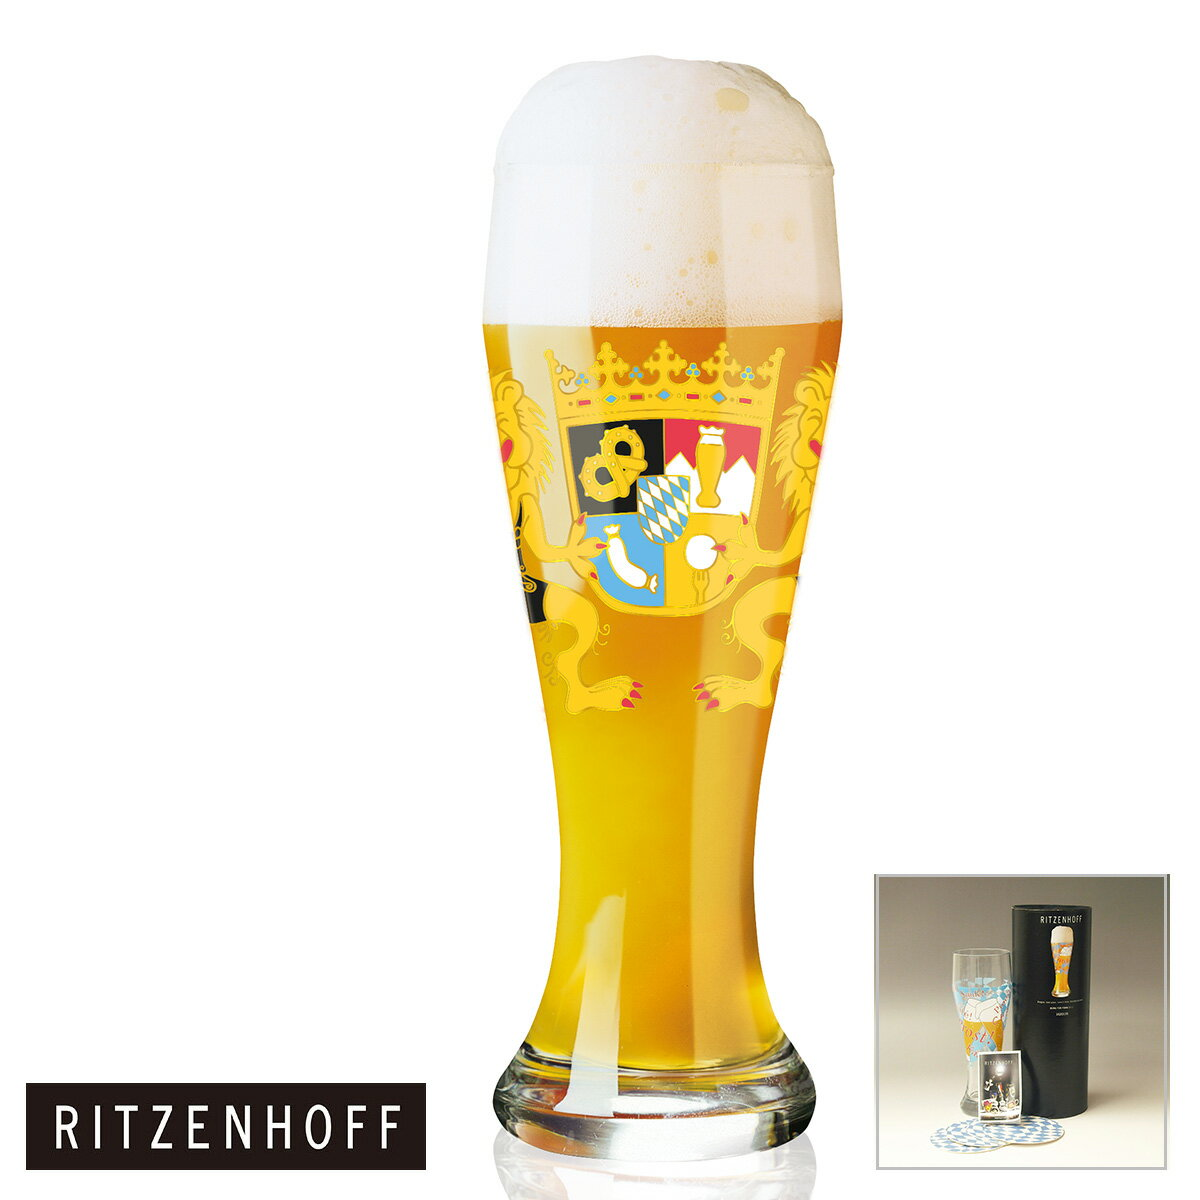 【40%ポイントバック!】RITZENHOFF リッツェンホフ WEIZEN BEER COLLECTIONヴァイツェンビア ビアタンブラー(Hans Christian San-81020197)ビアグラス ビールグラス ヴァイツェン ピルスナー ビール プレゼント 贈り物 ギフト 引出物 ブライダル